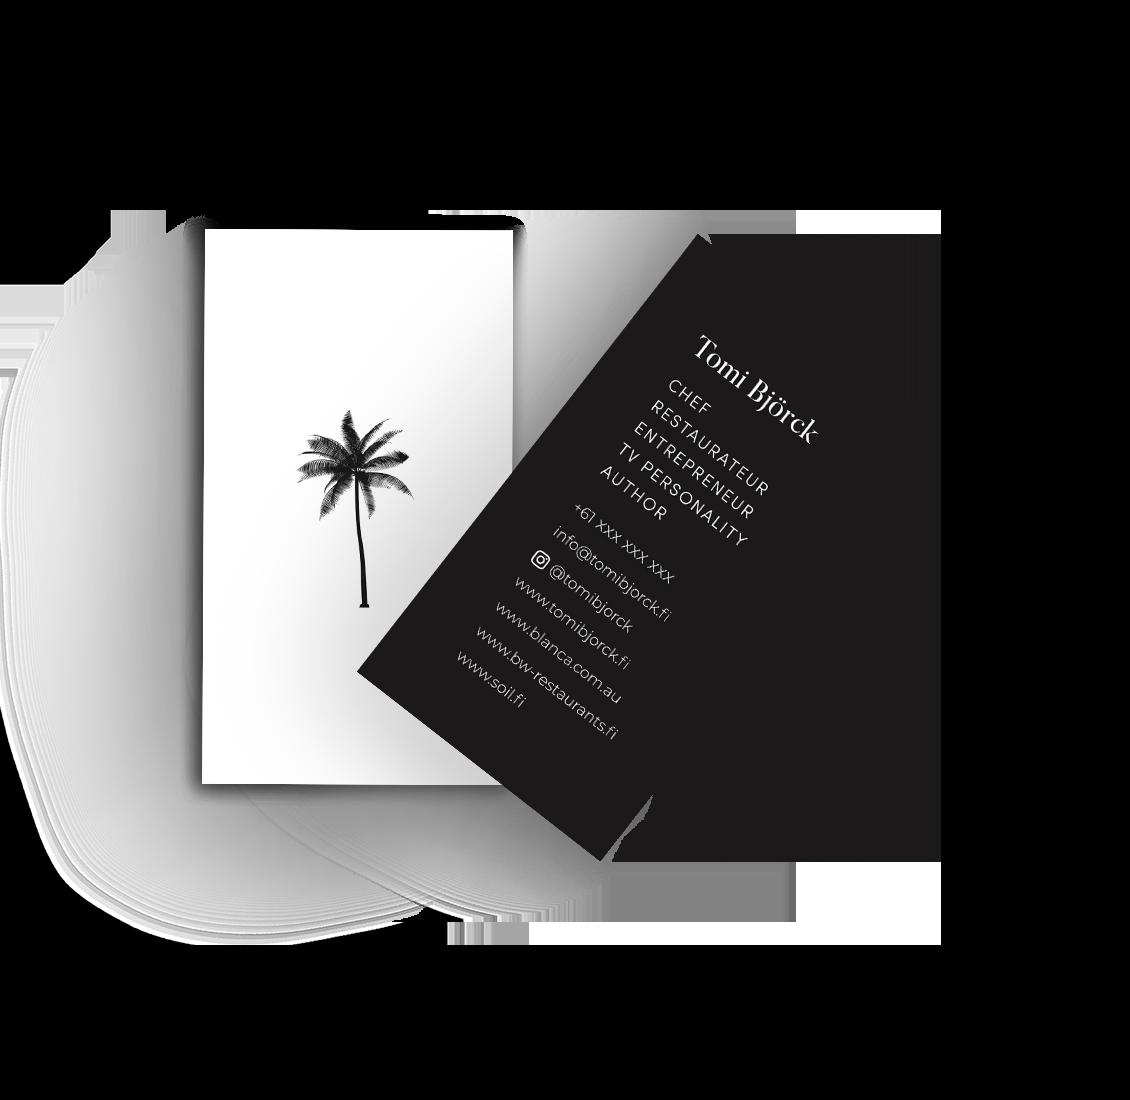 Tomi_Bjorck_Business_Card Mockup_v2.png